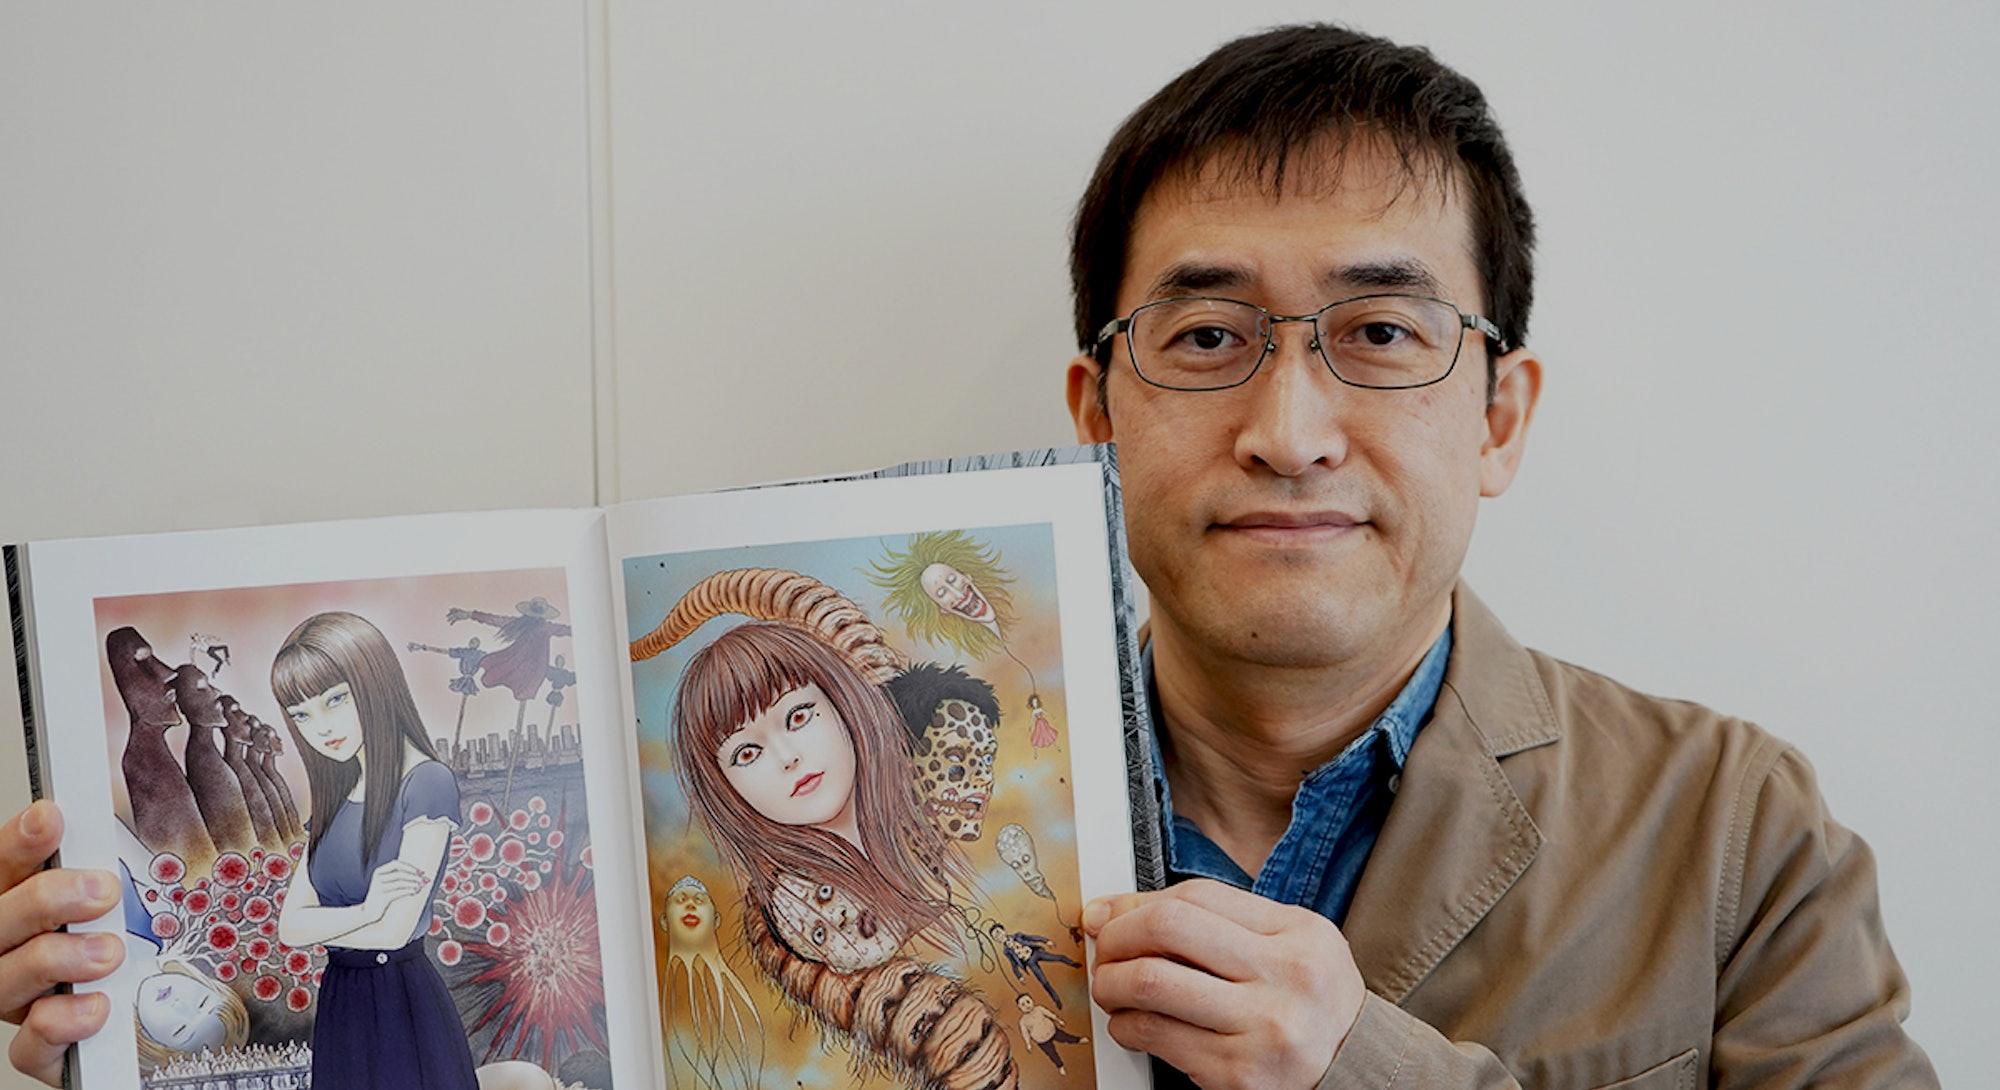 Junji Ito and his work